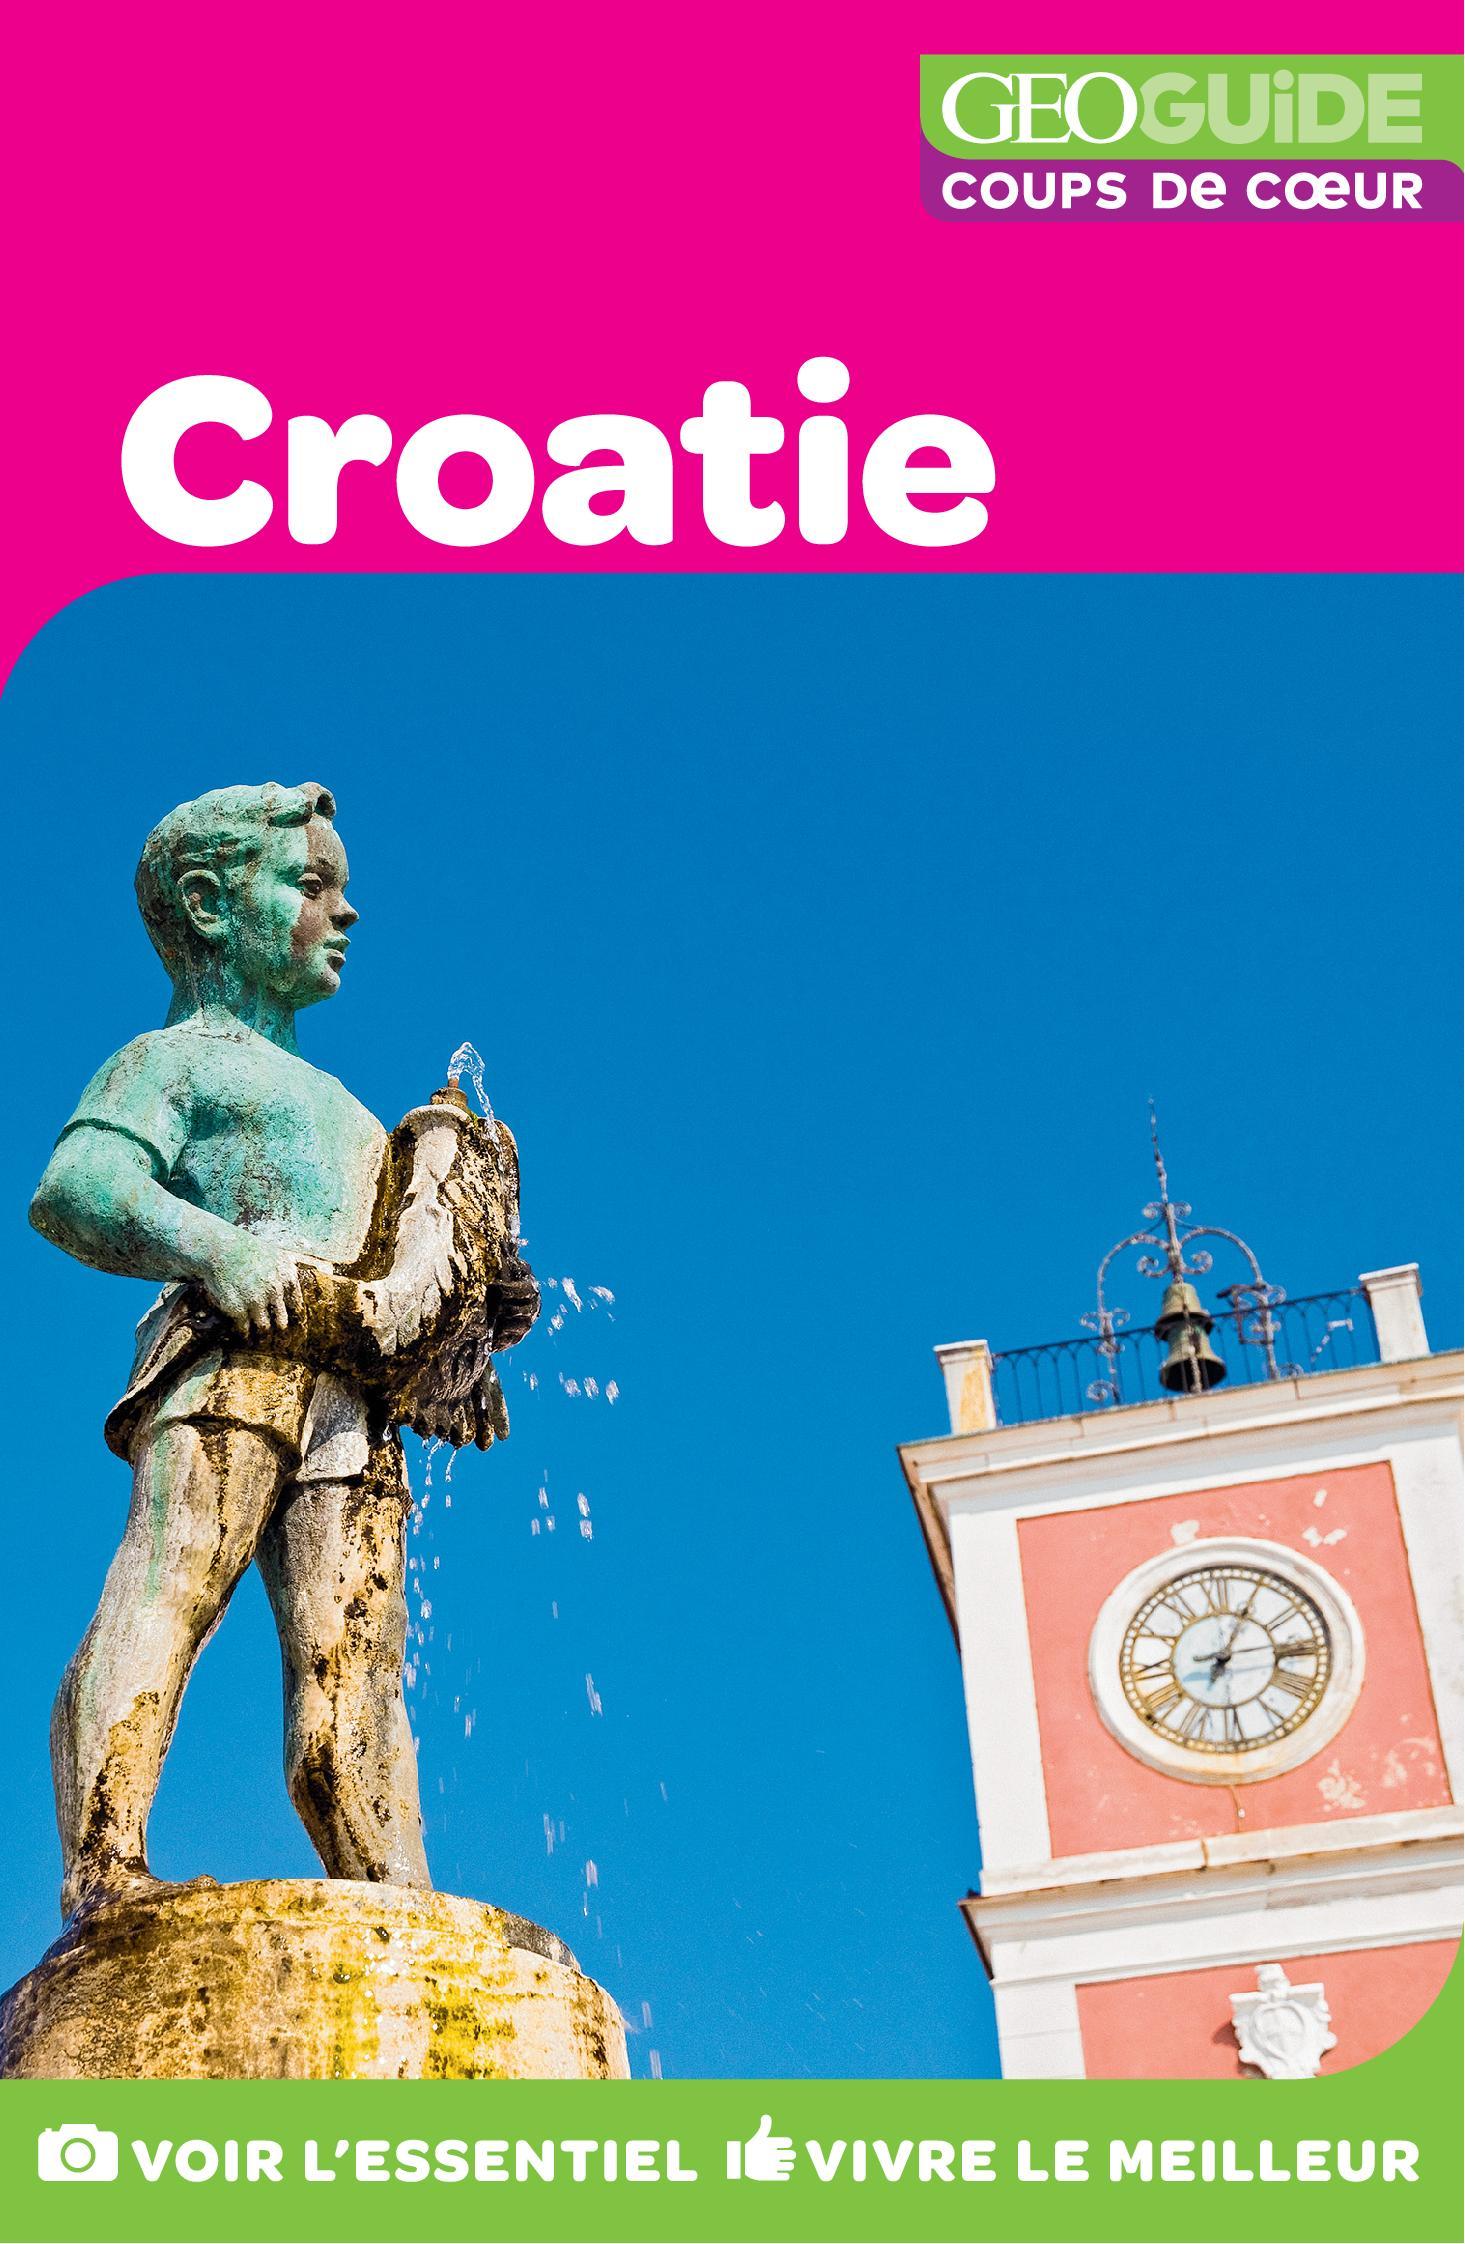 GEOguide Coups de cœur Croatie